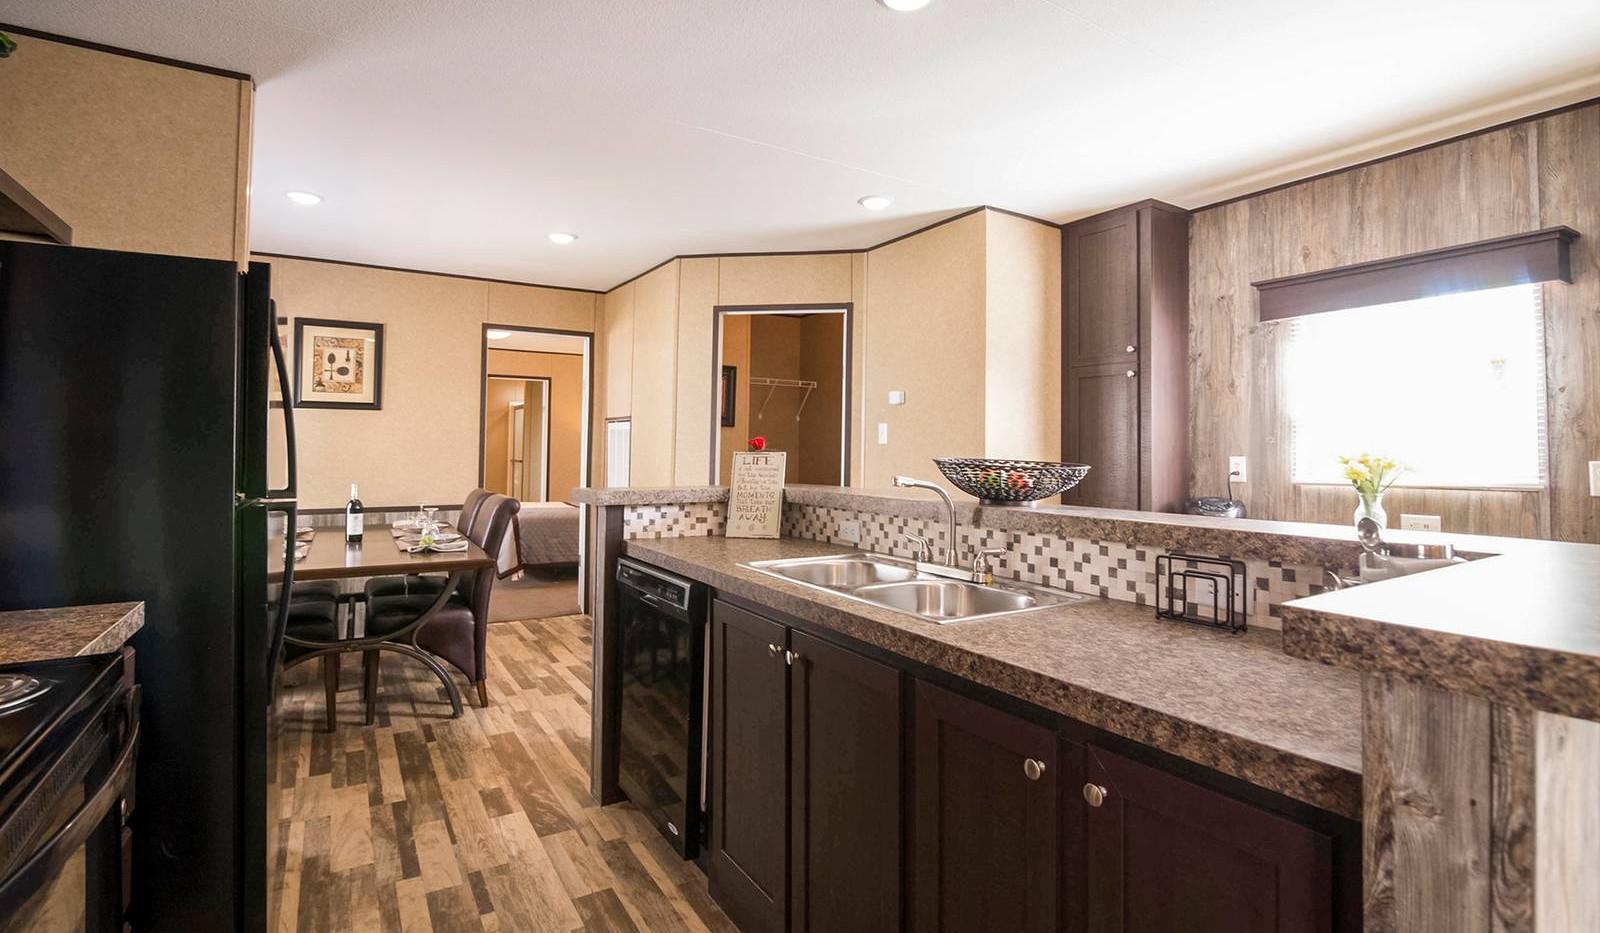 5-puebla-kitchen-3-copy-1600x1067.jpg